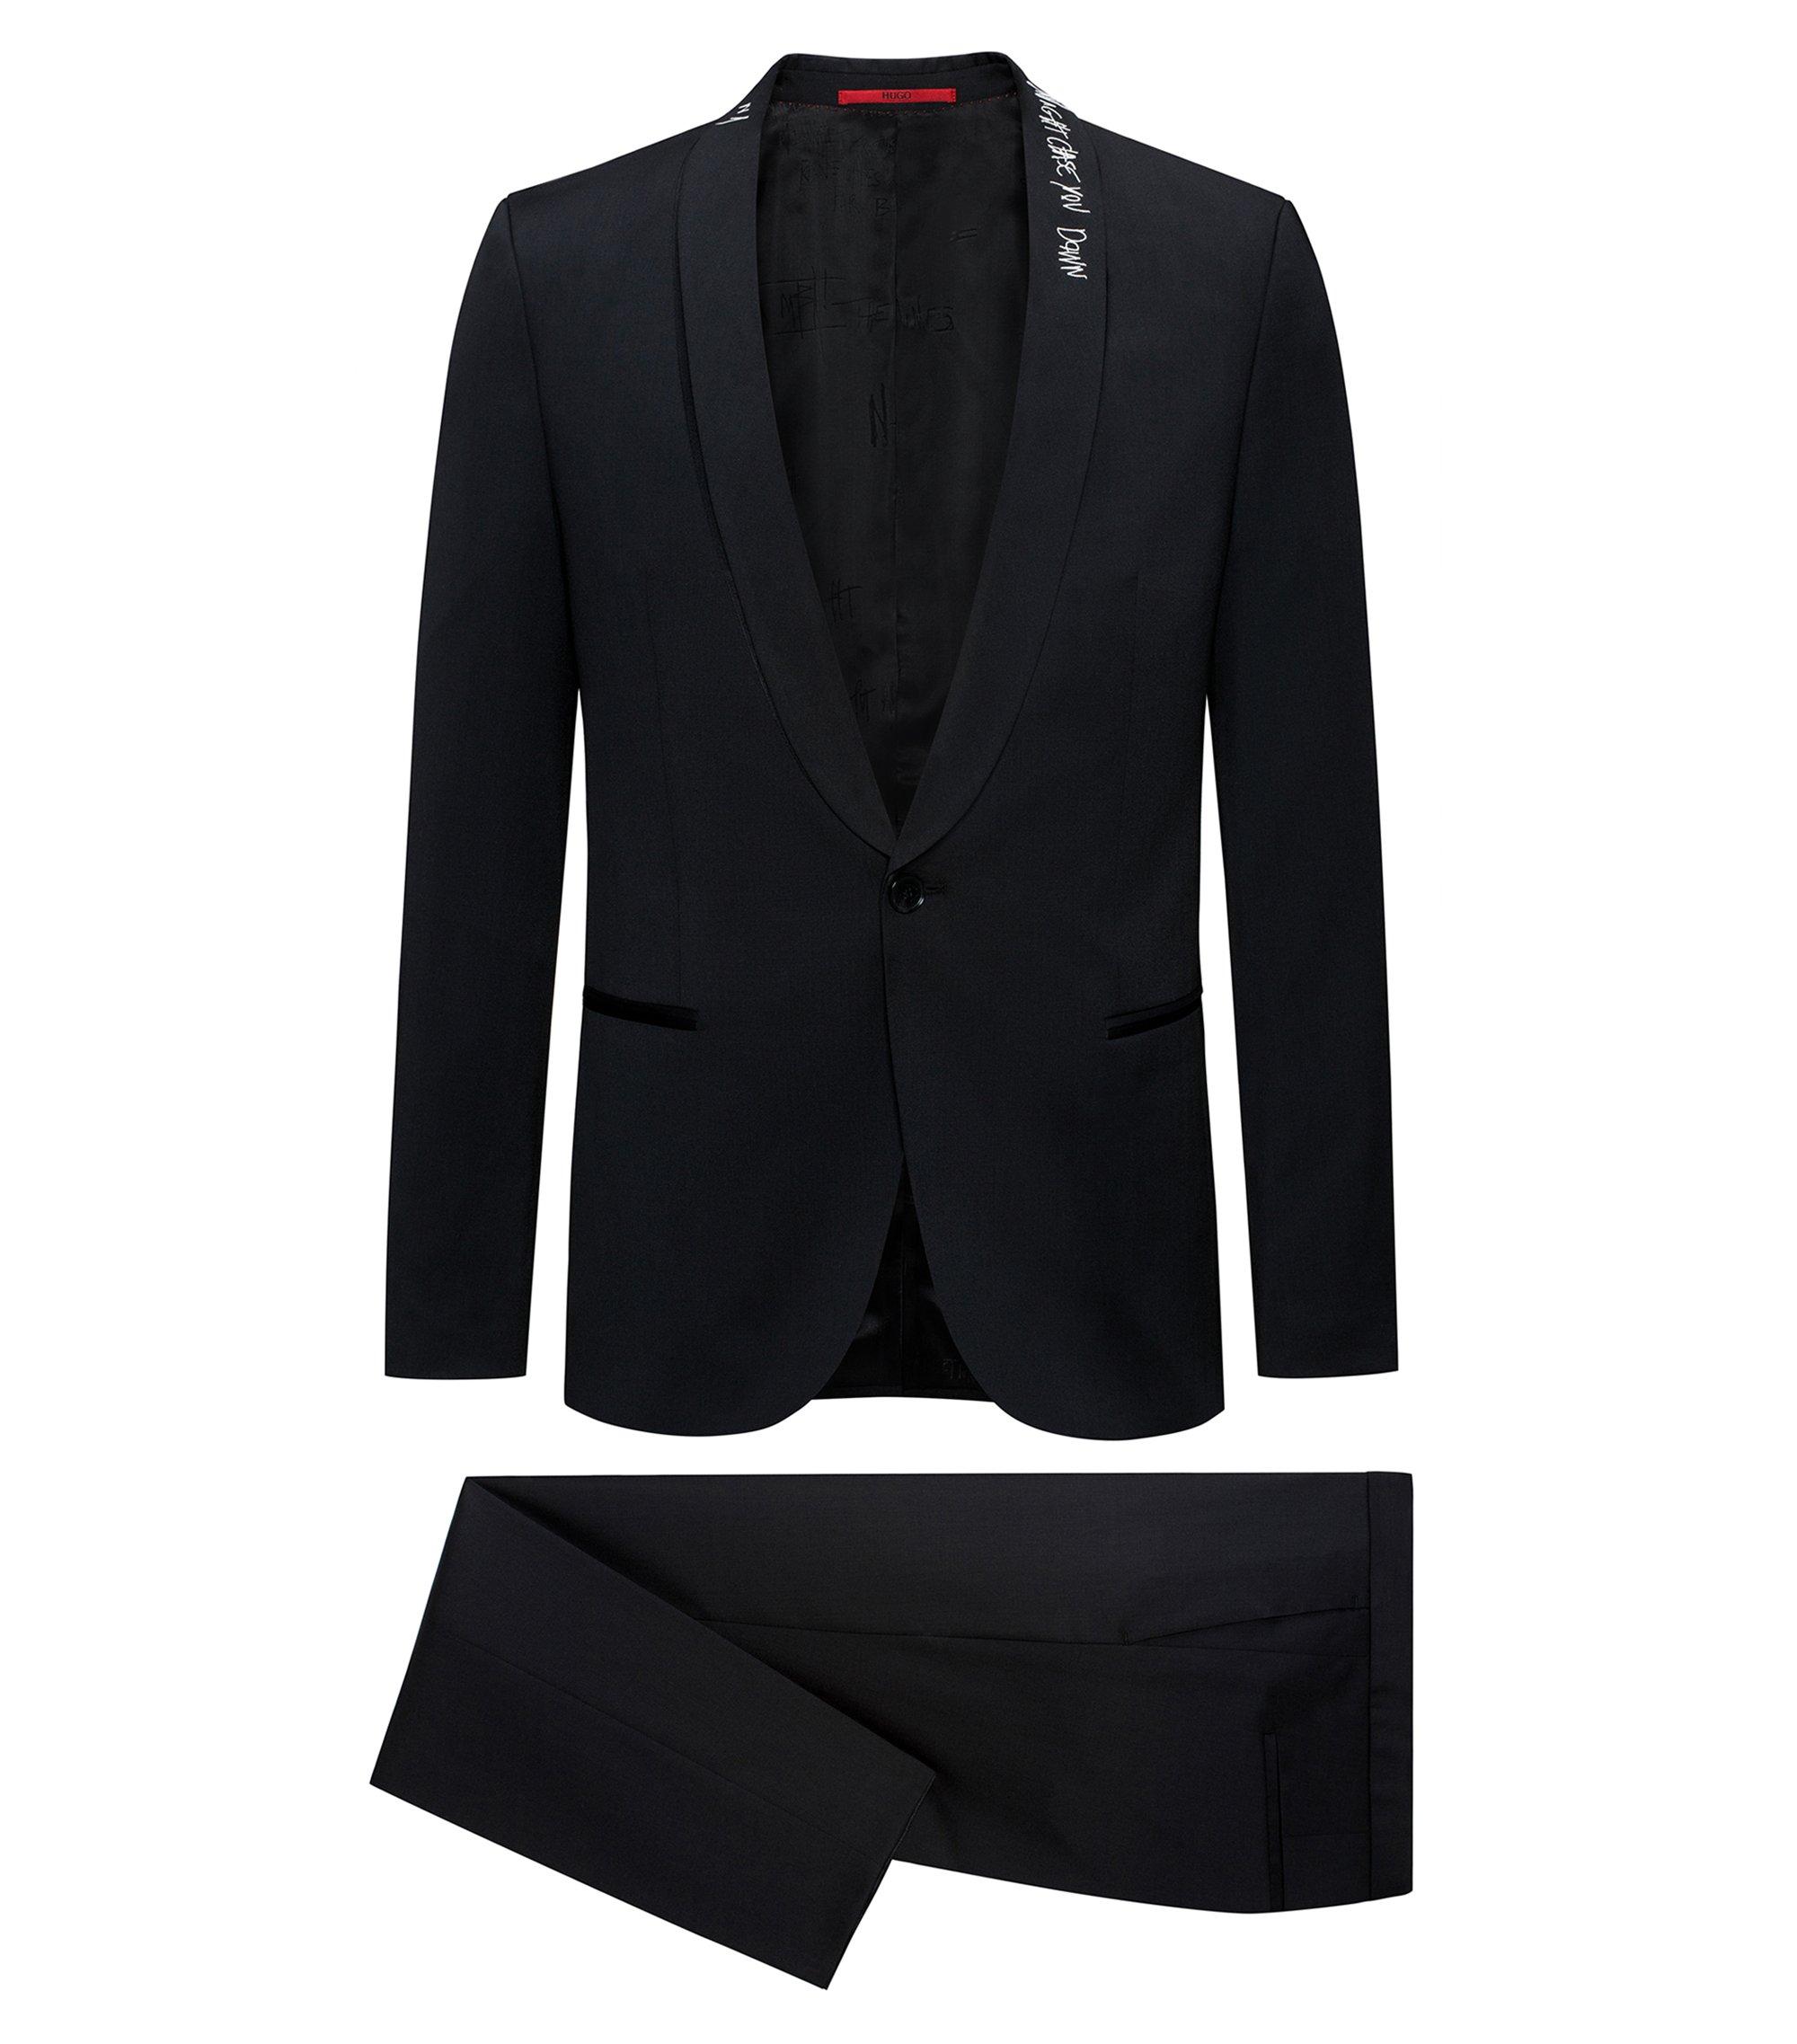 Extra Slim-Fit Anzug aus Schurwolle mit Graffiti-Details, Schwarz